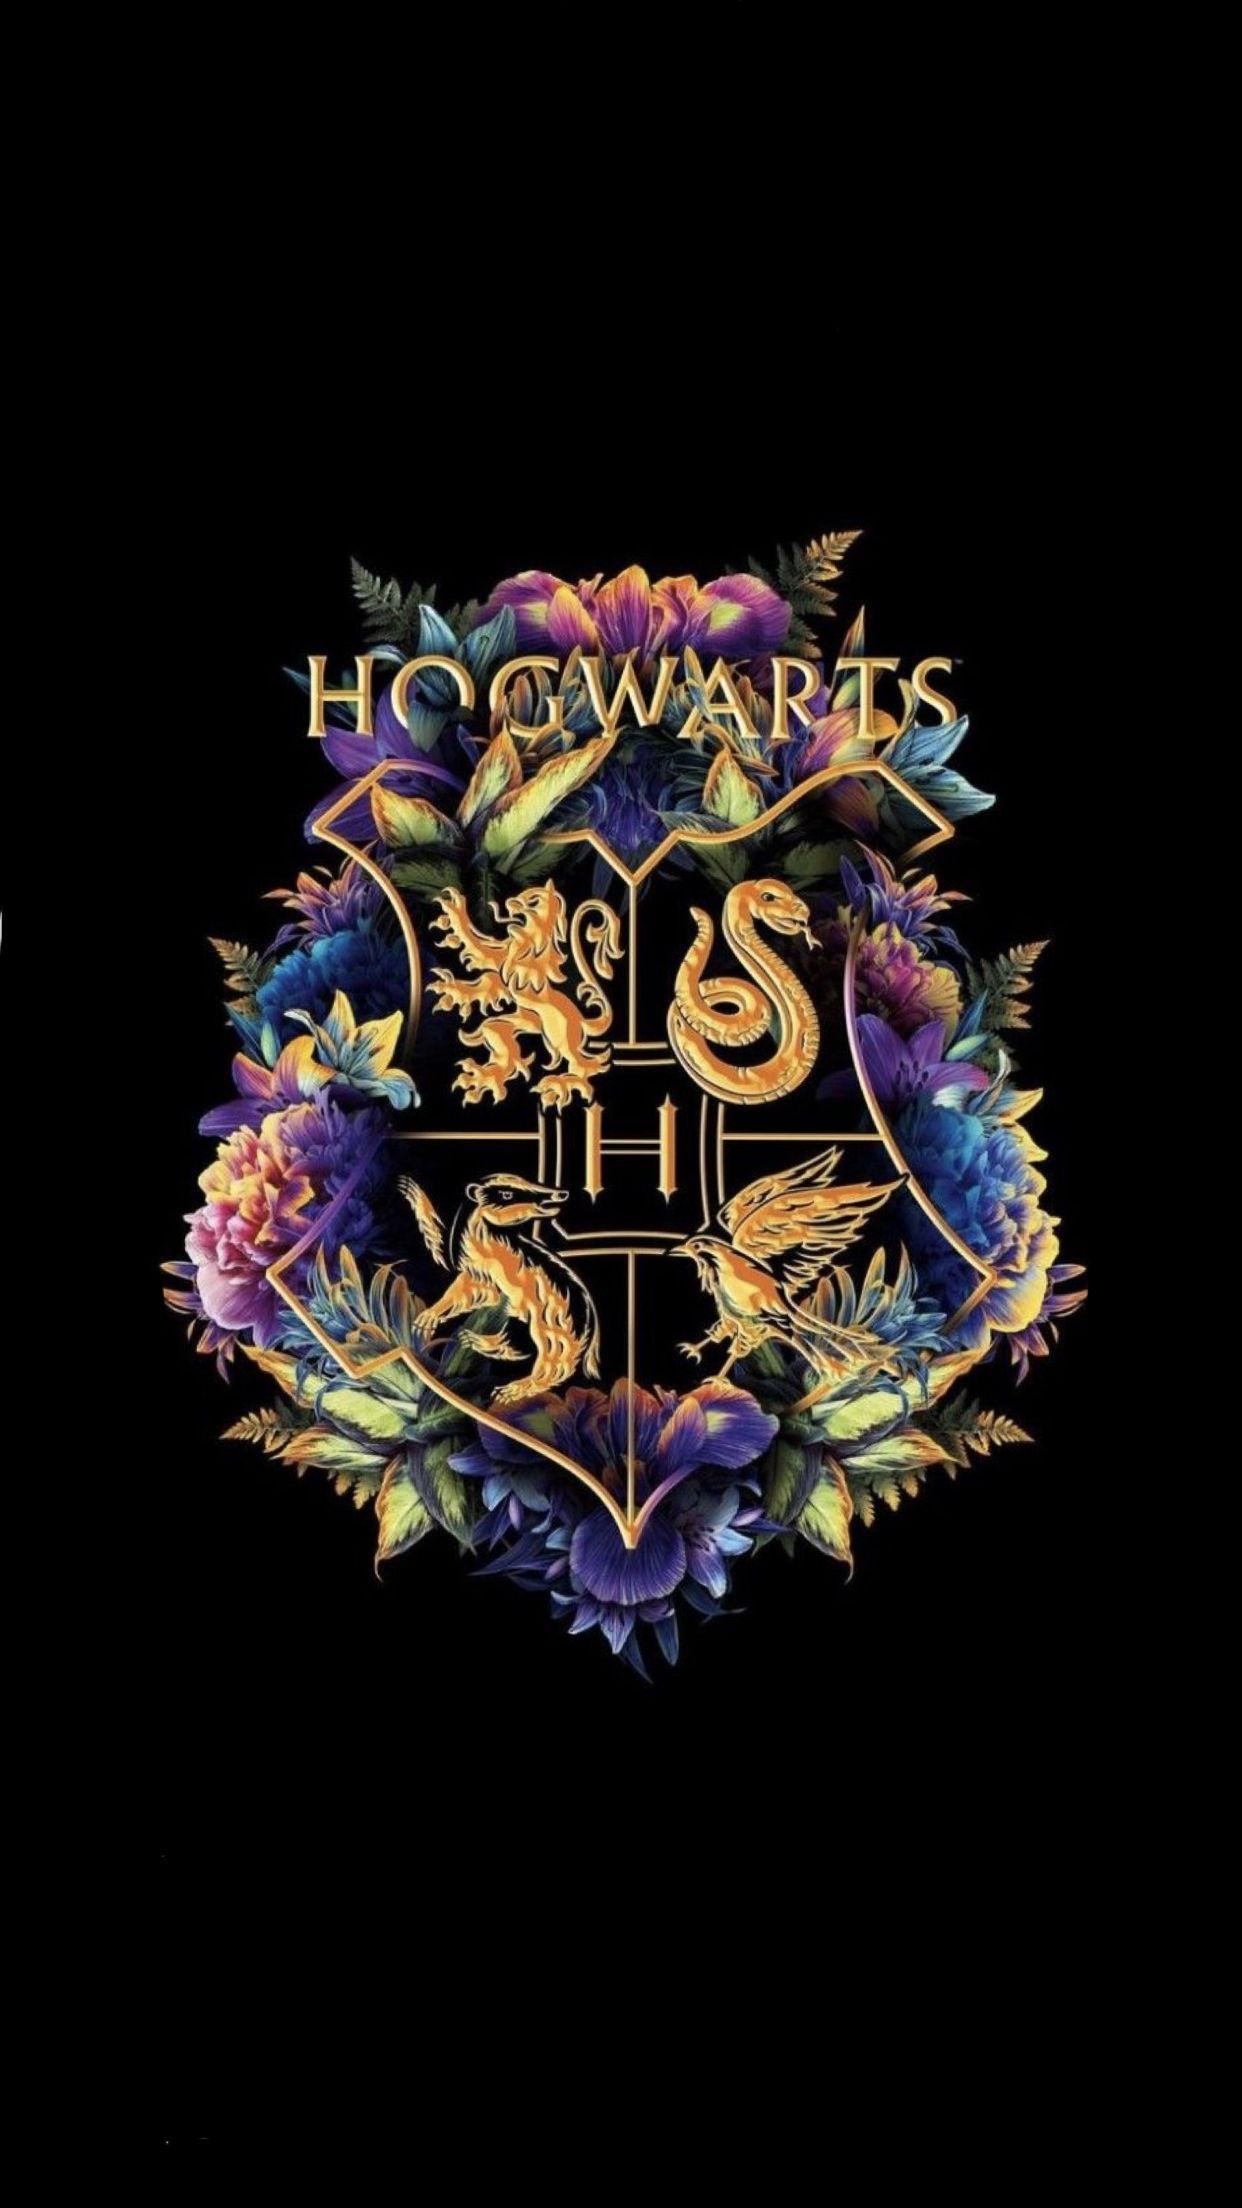 Epingle Par Lyana Sur Harry Potter Illustrations Harry Potter Art Harry Potter Images Harry Potter